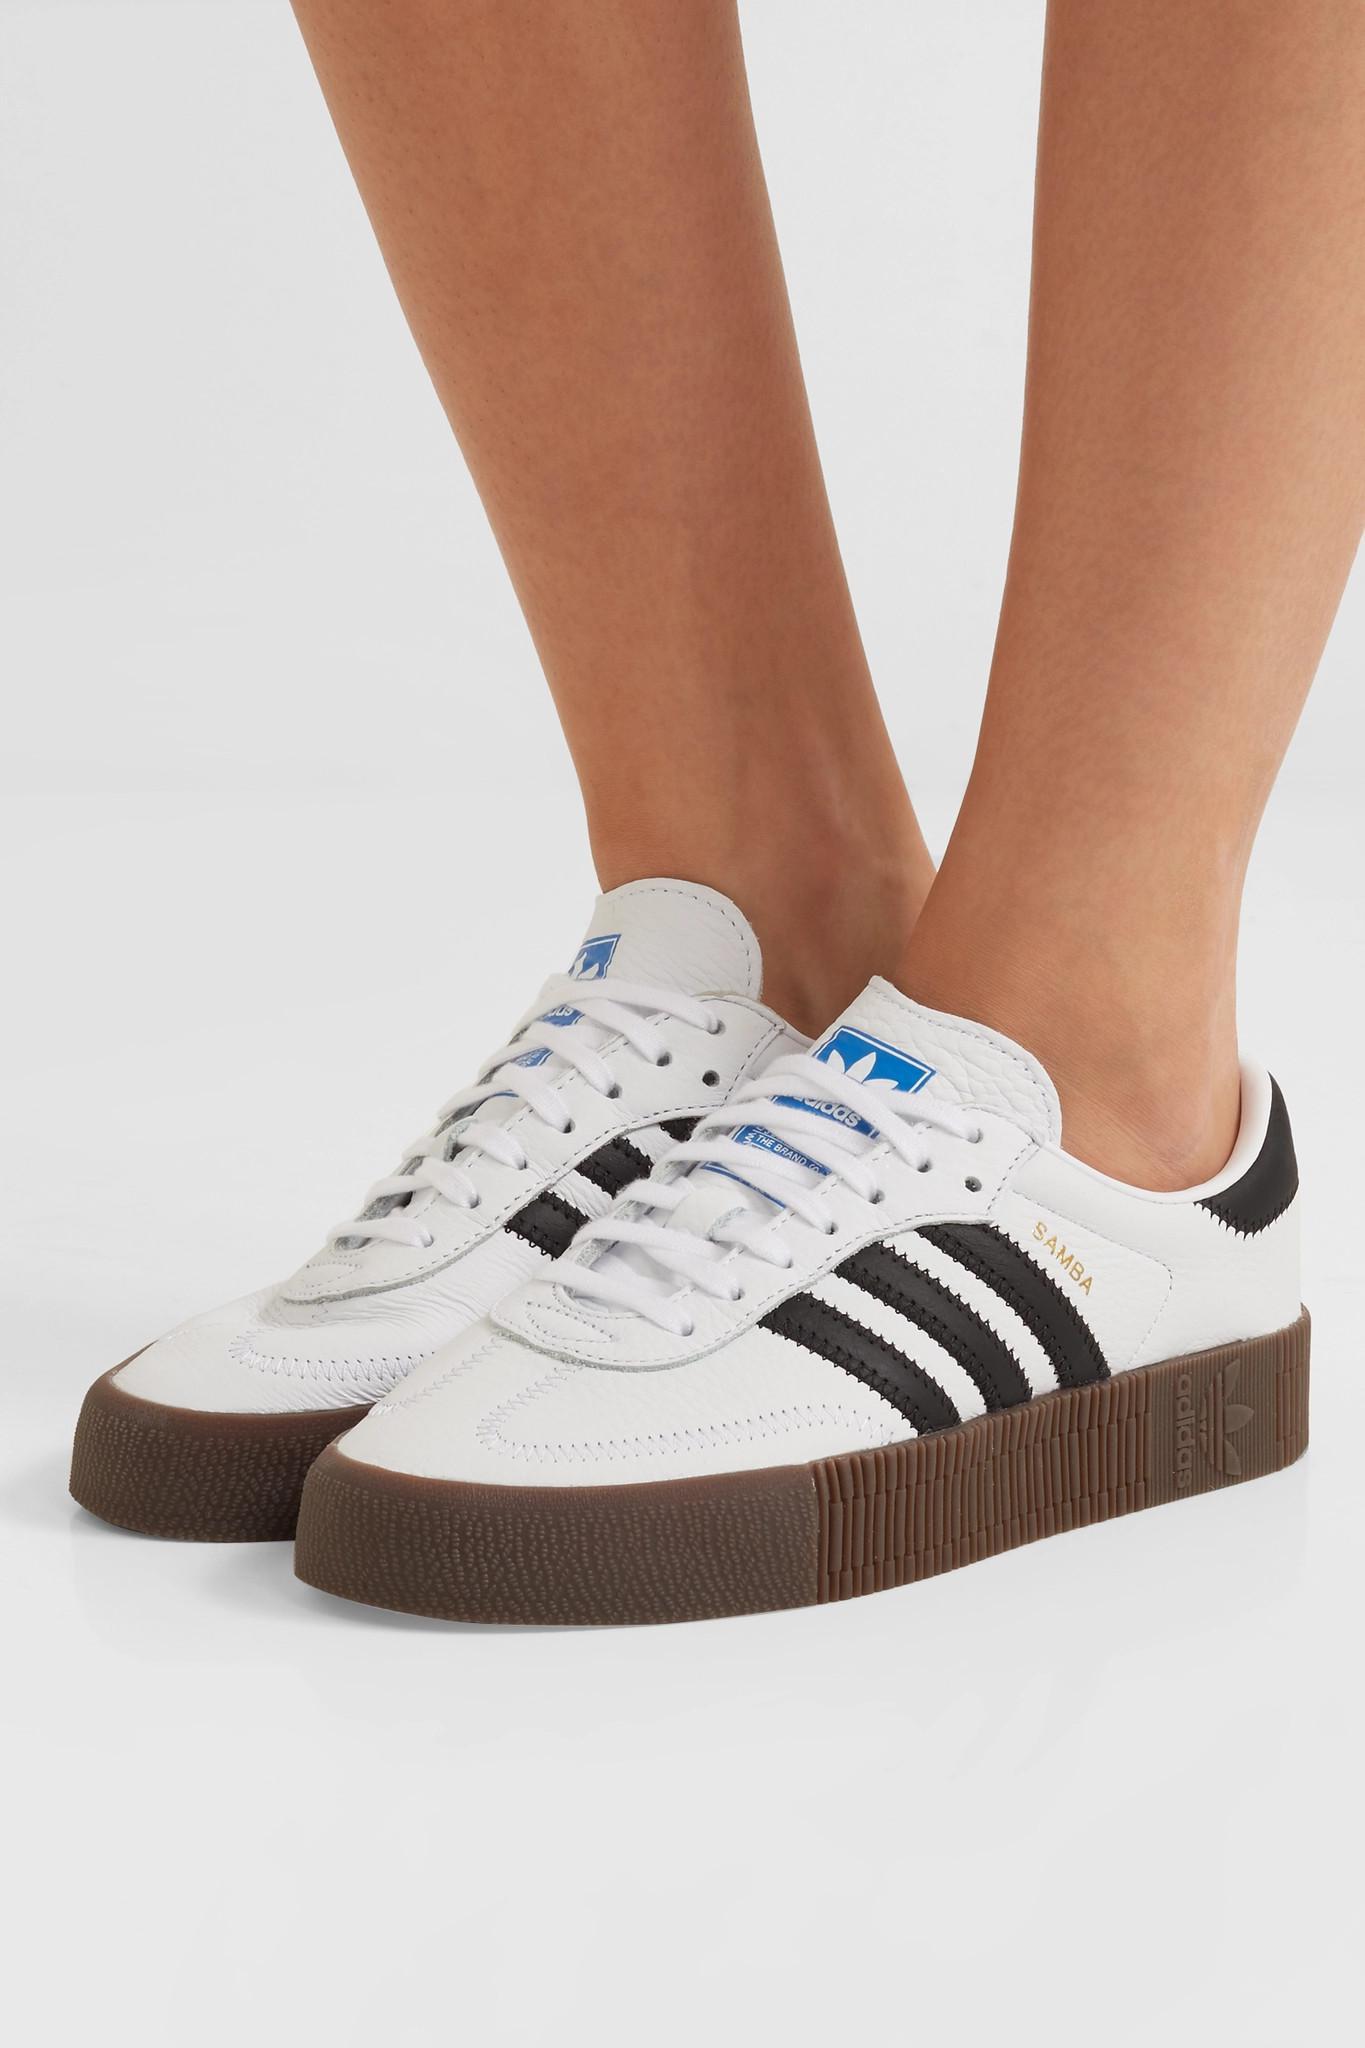 80b8f0b2e4a181 Adidas Originals - White